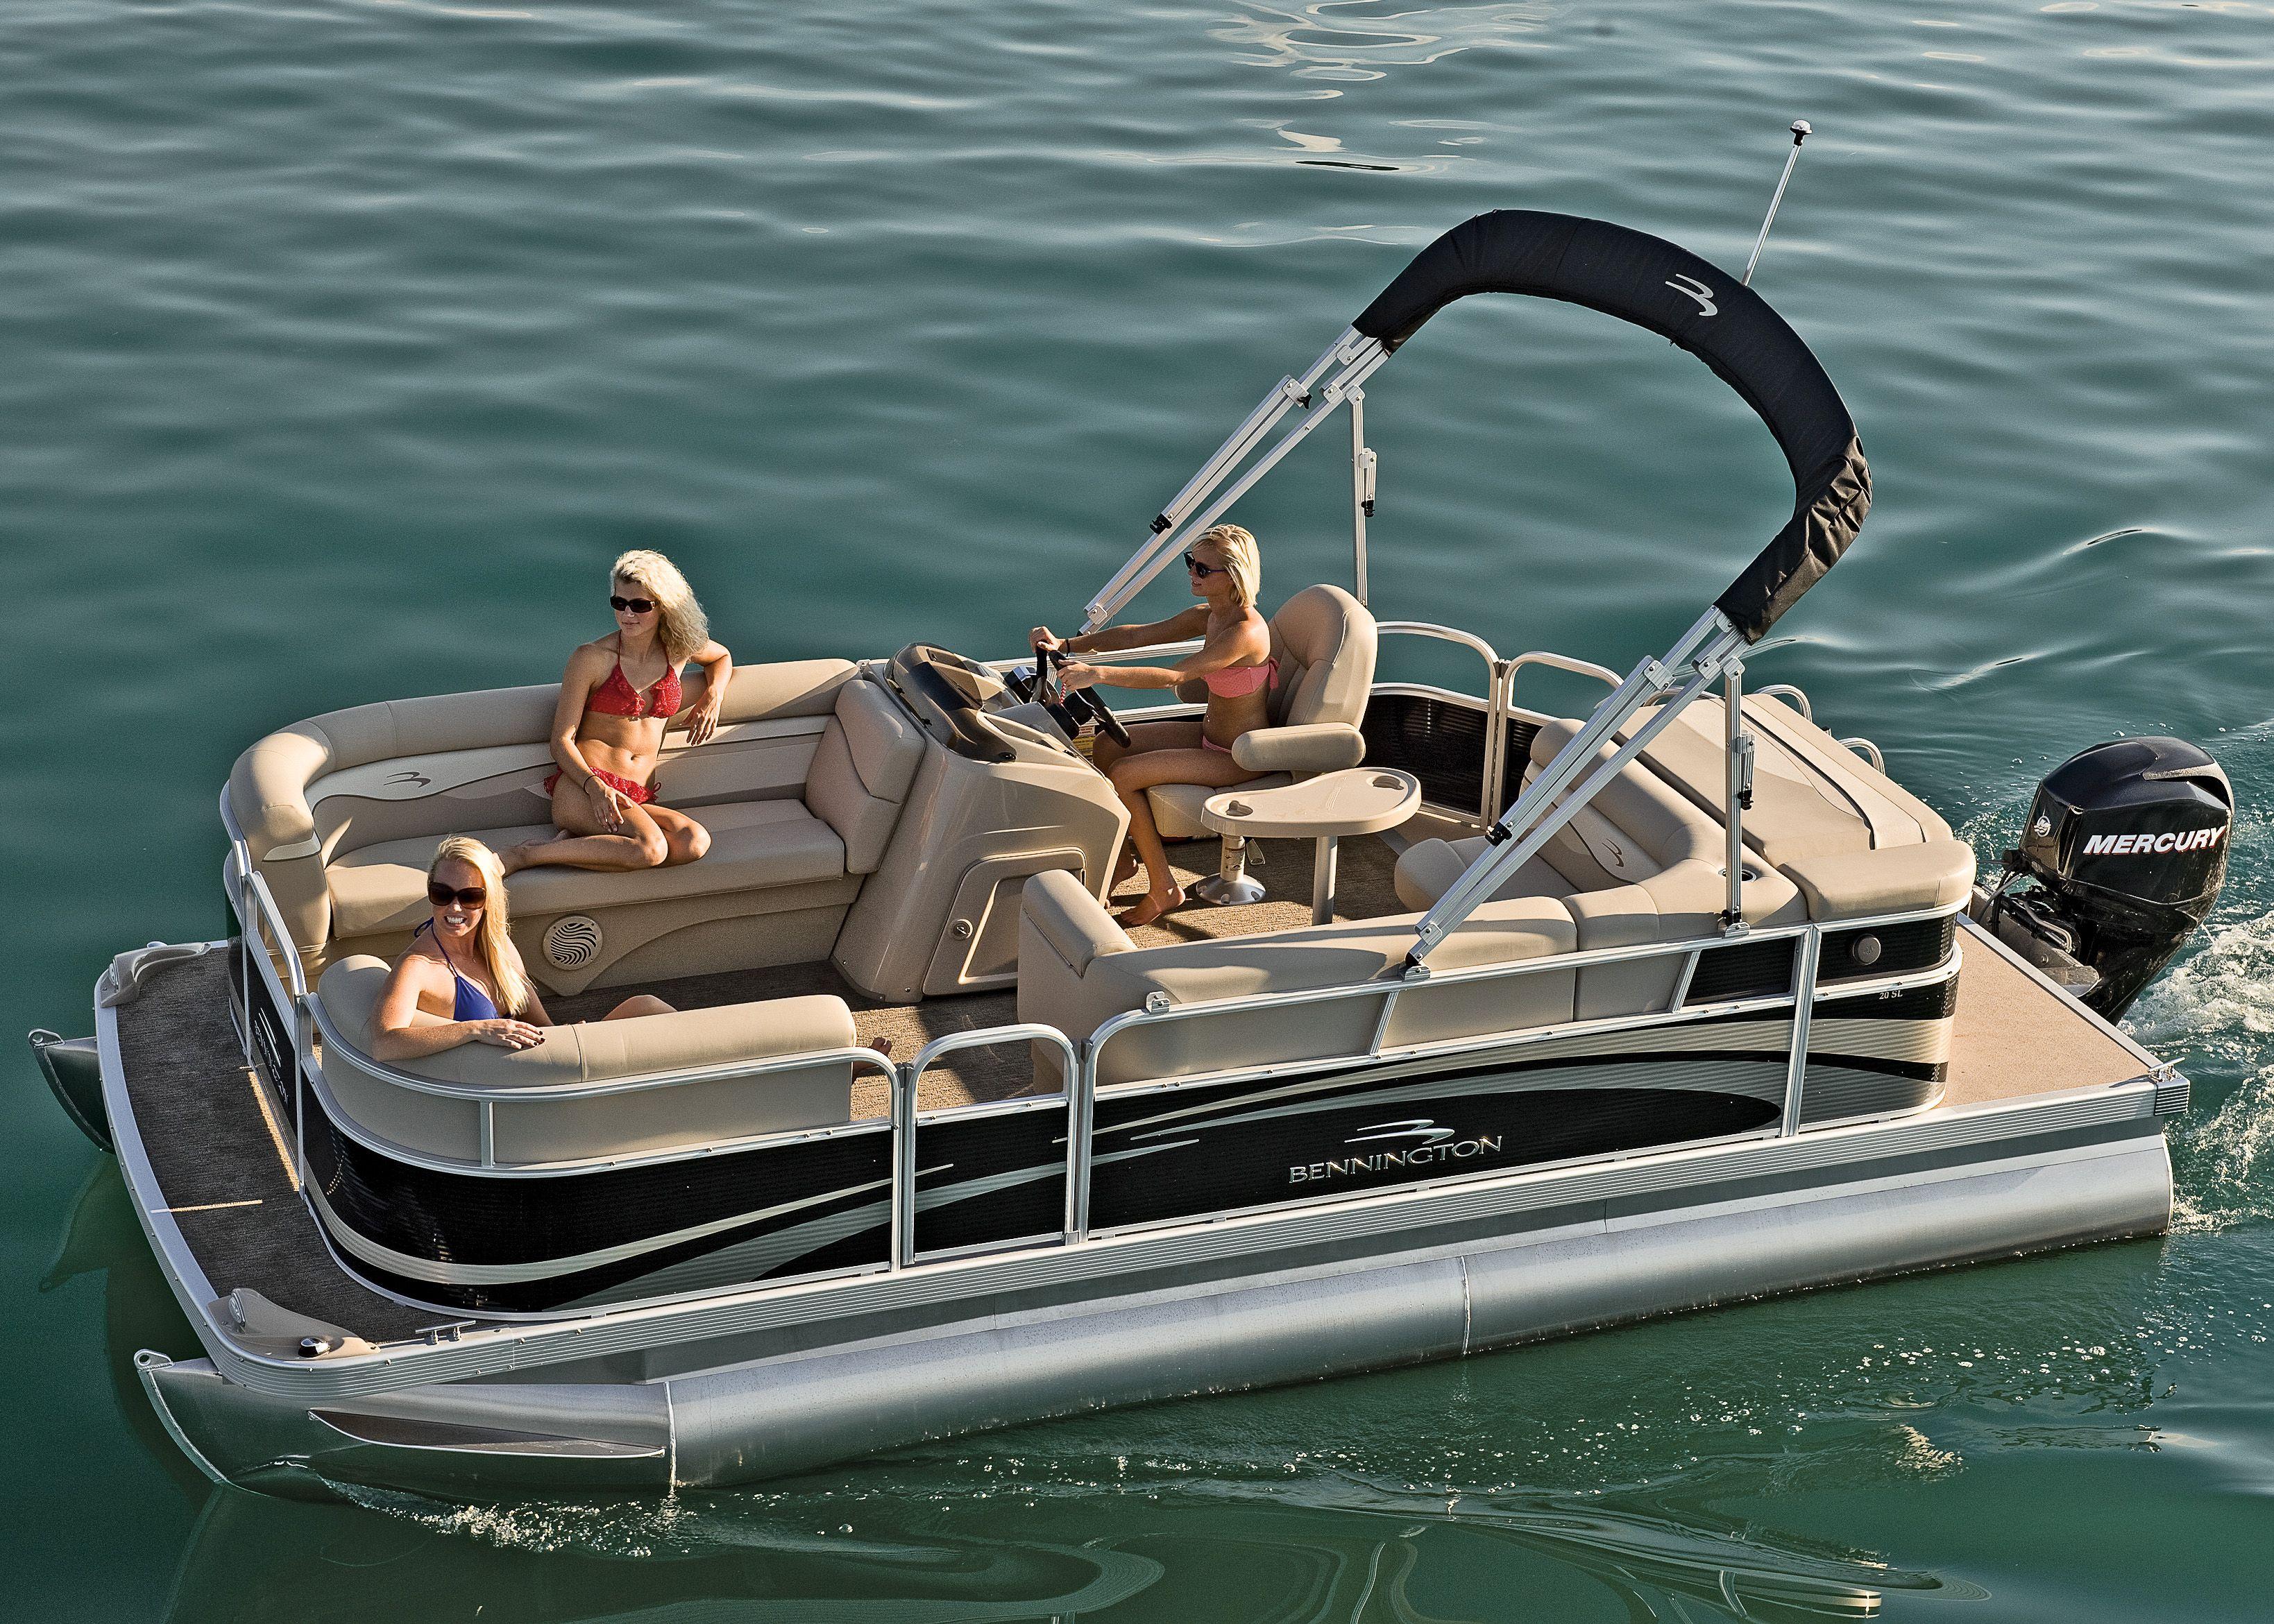 2012 bennington 20 sl pontoon boat great for a summer for Best fishing pontoon boat